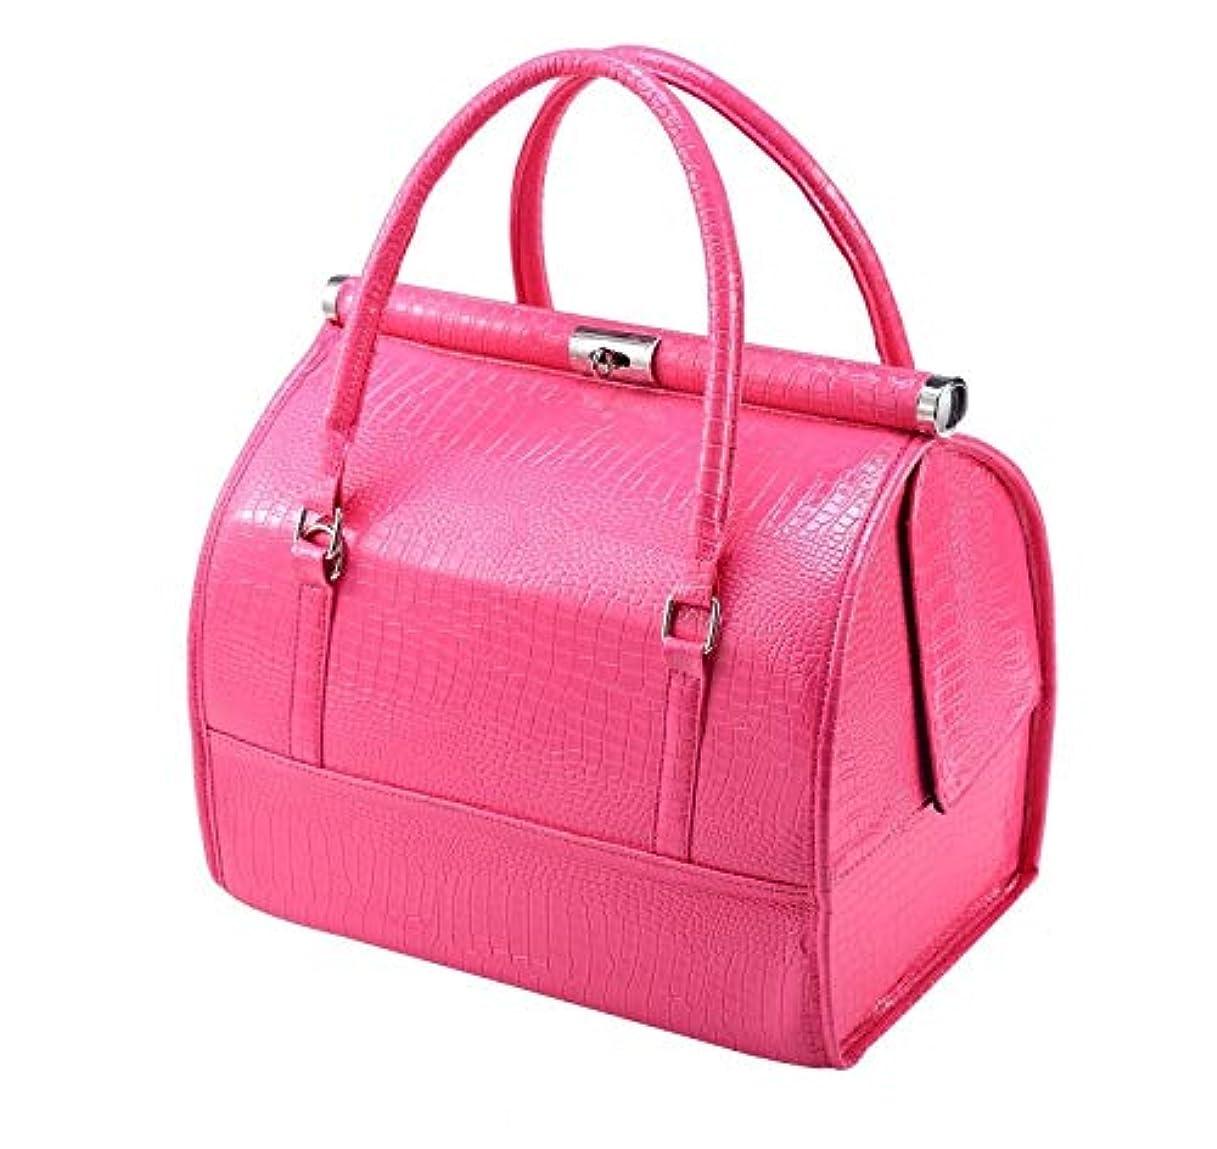 不誠実評価可能ロープ化粧箱、大容量の対角および携帯用化粧品の箱、携帯用旅行化粧品袋、美の釘の宝石類の収納箱 (Color : ピンク)